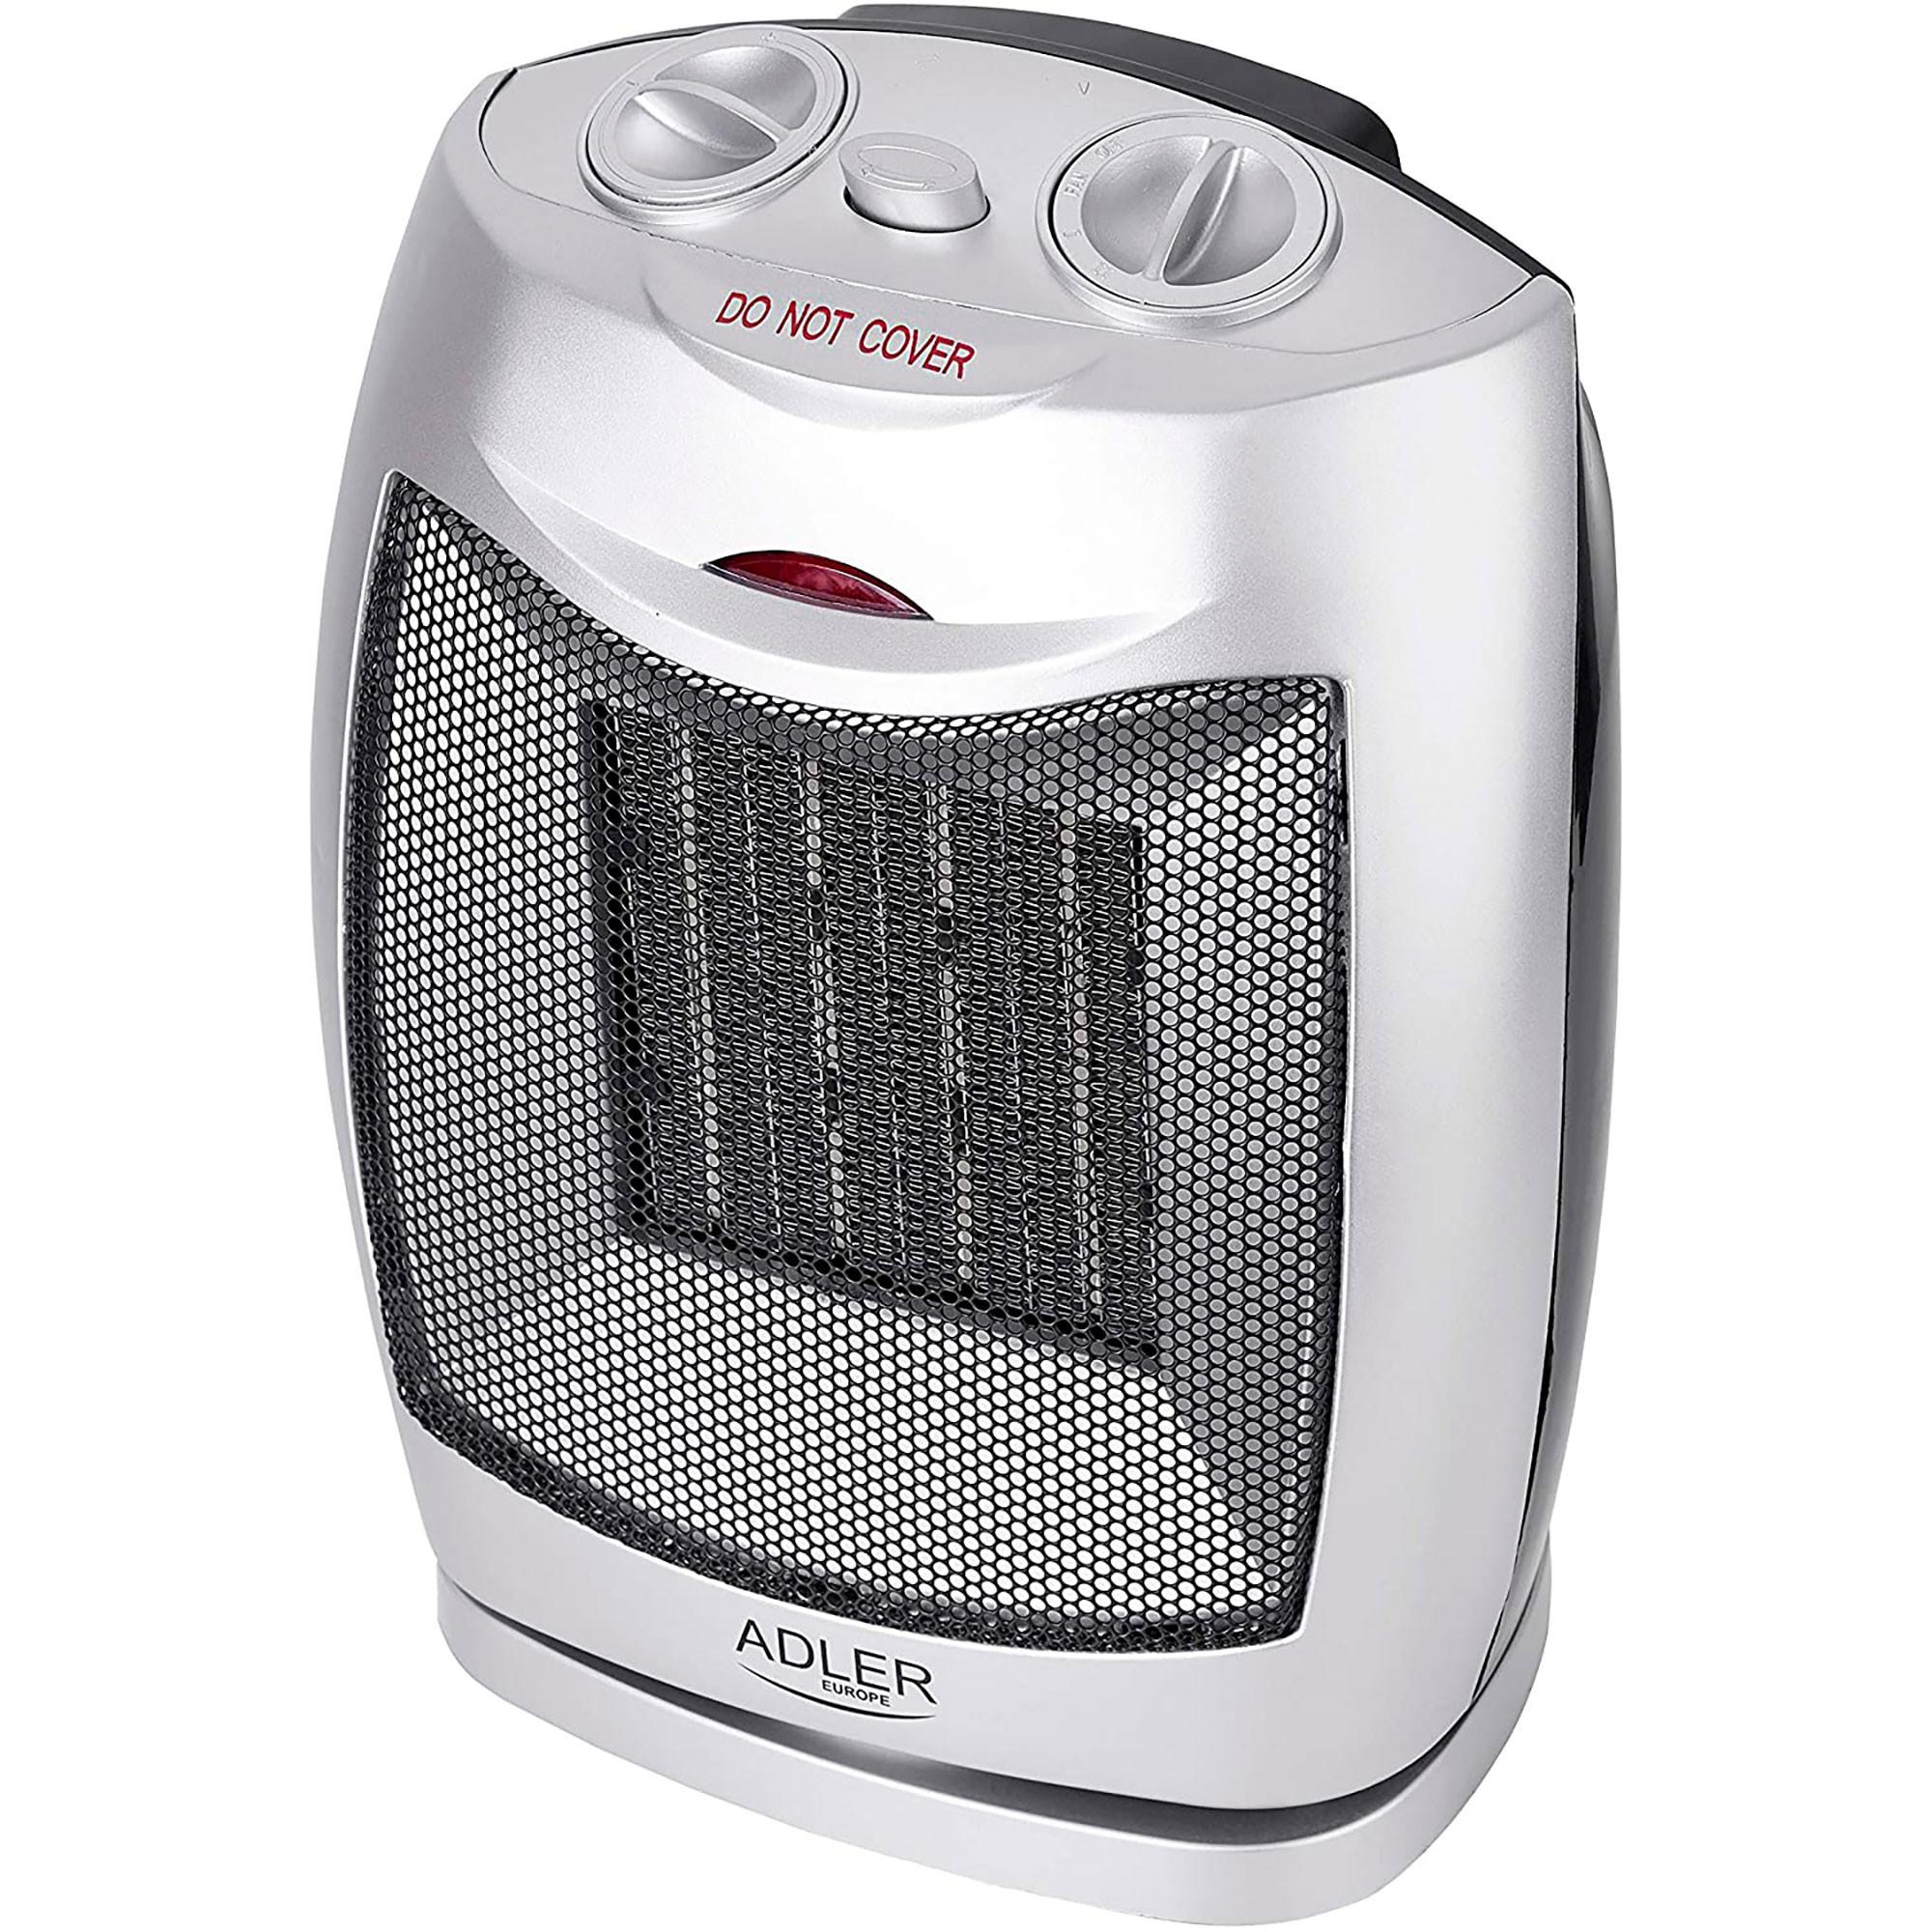 Adler AD7703 Calefactor Cerámico portátil PTC, 2 niveles potencia, termostato, protección sobrecalentamiento, 1500W